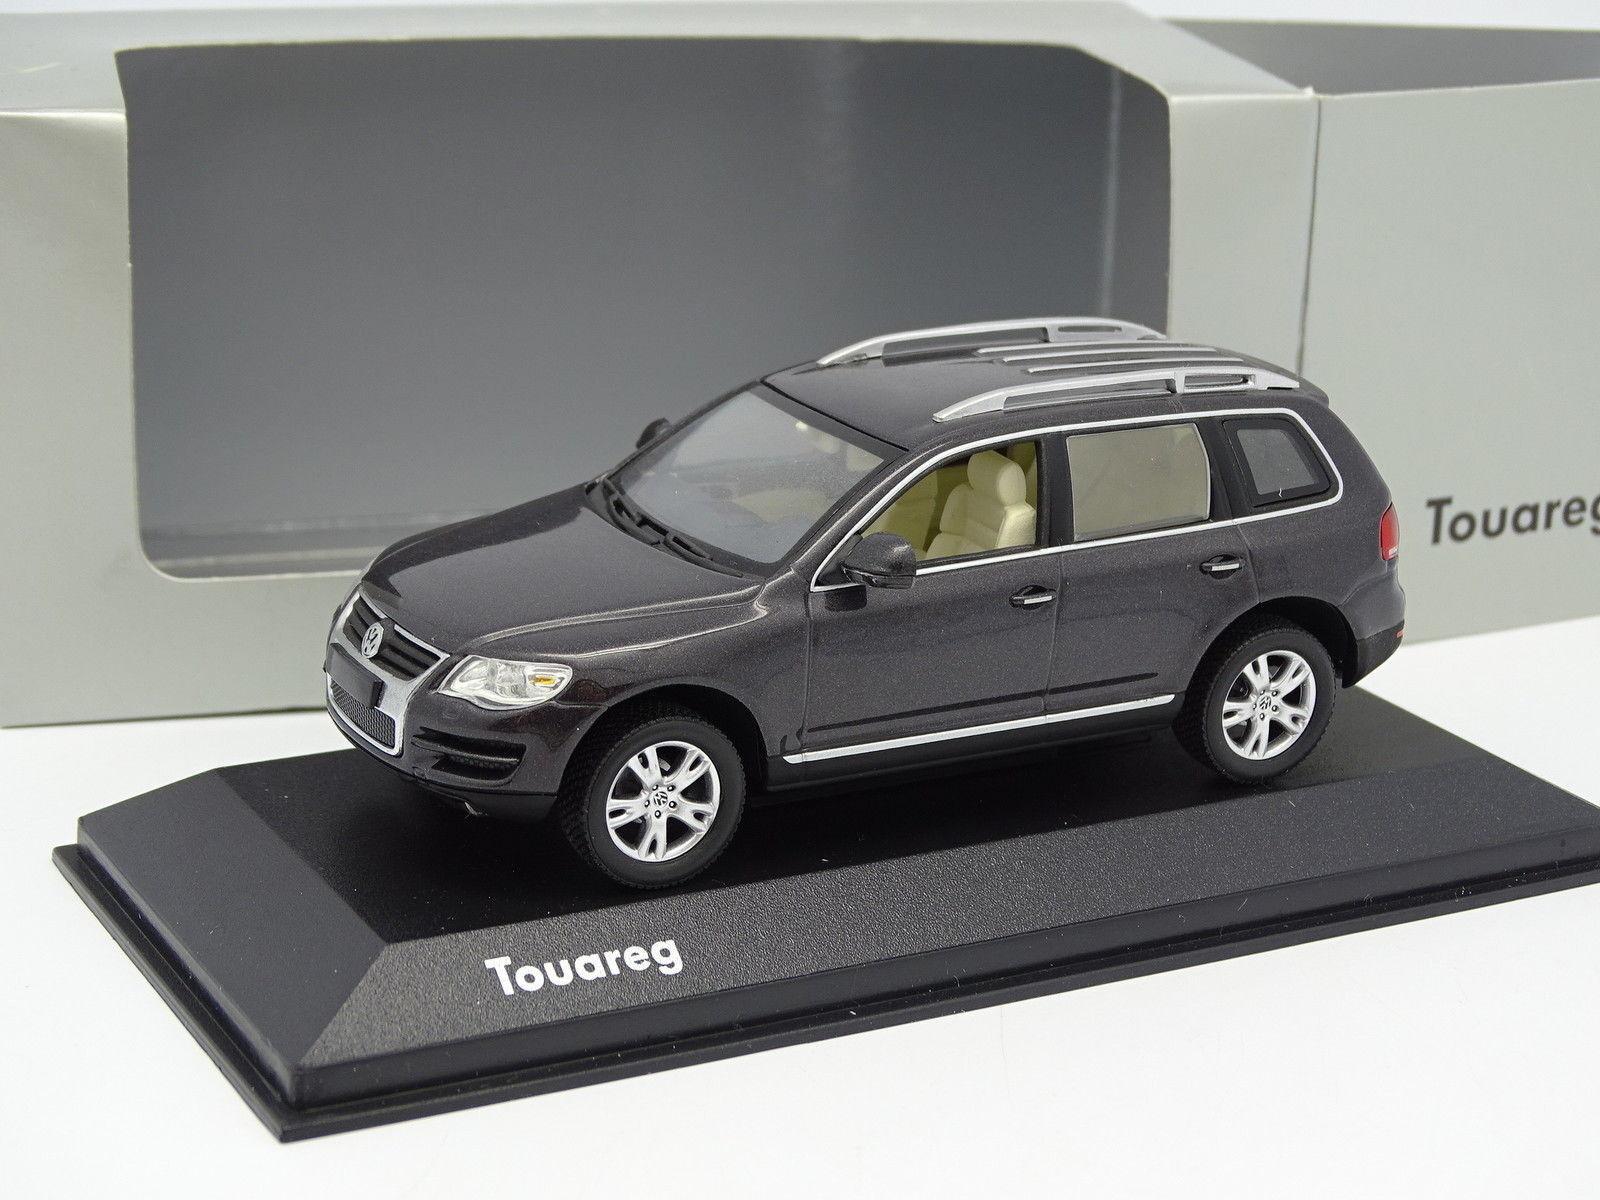 marcas de diseñadores baratos Minichamps Minichamps Minichamps 1 43 - VW Touareg Anthracite  n ° 1 en línea